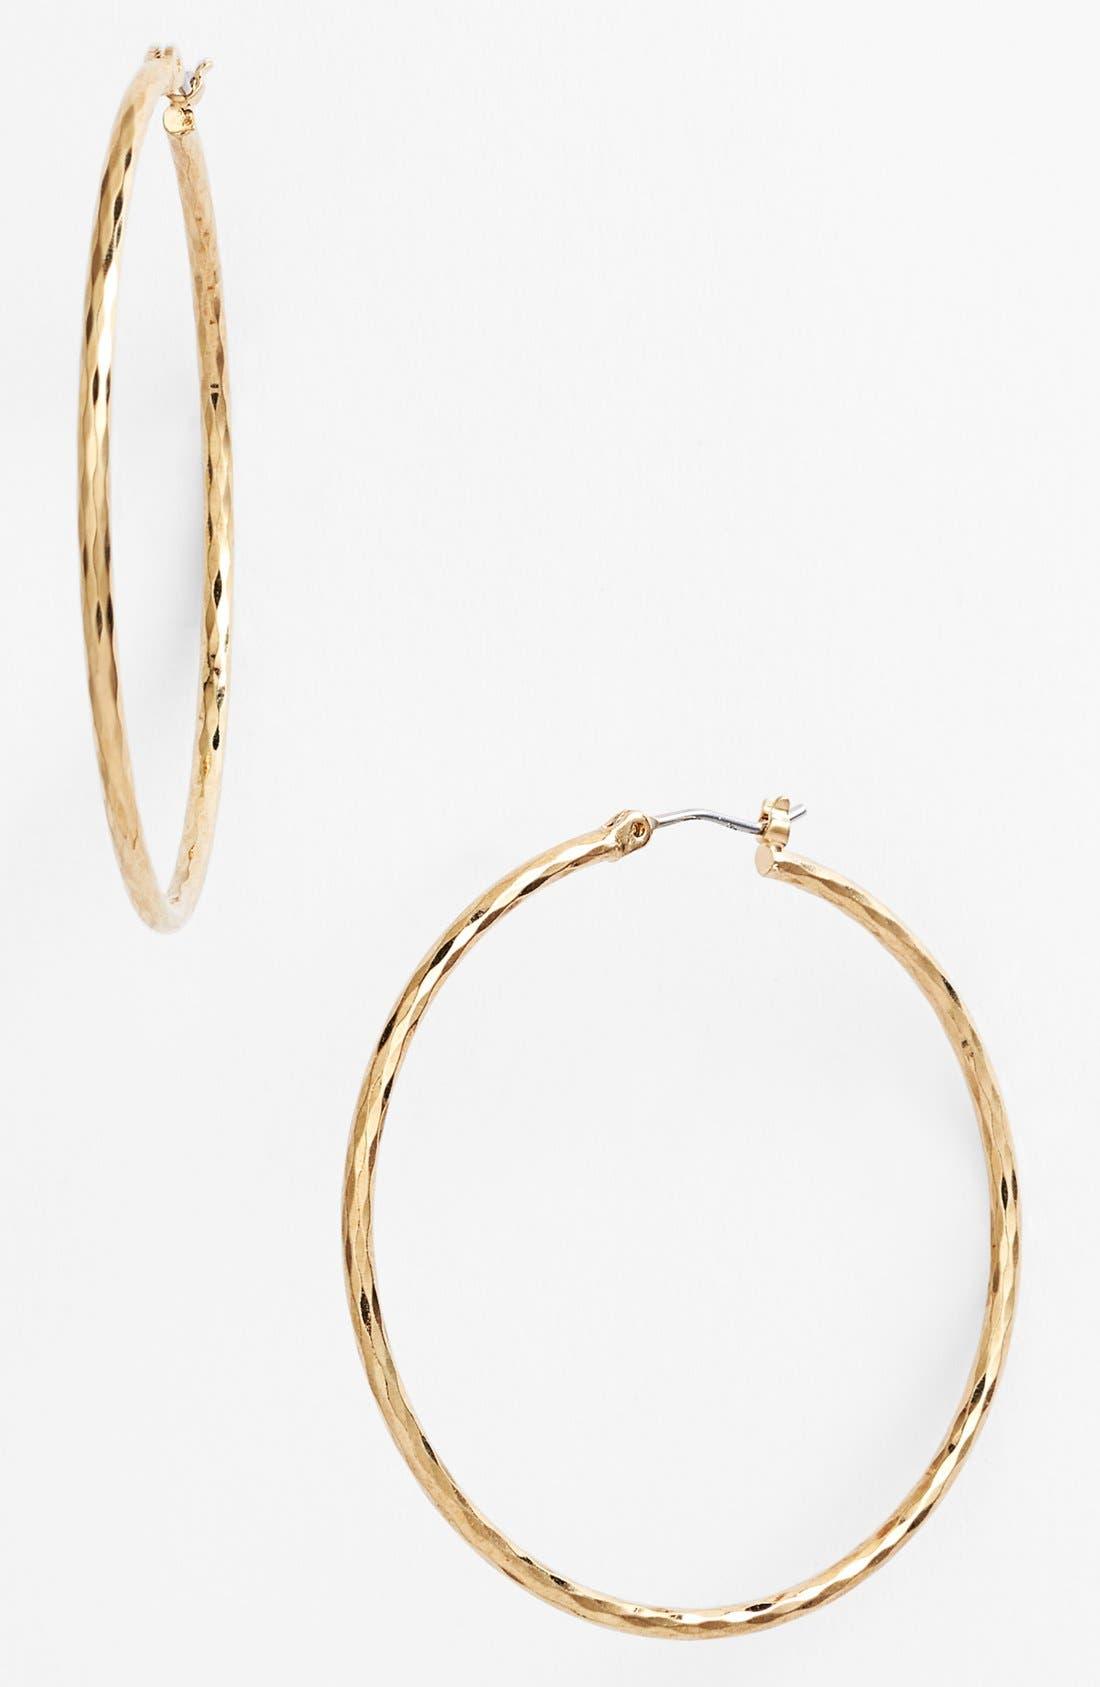 Alternate Image 1 Selected - Nordstrom Harlequin Facet Hoop Earrings